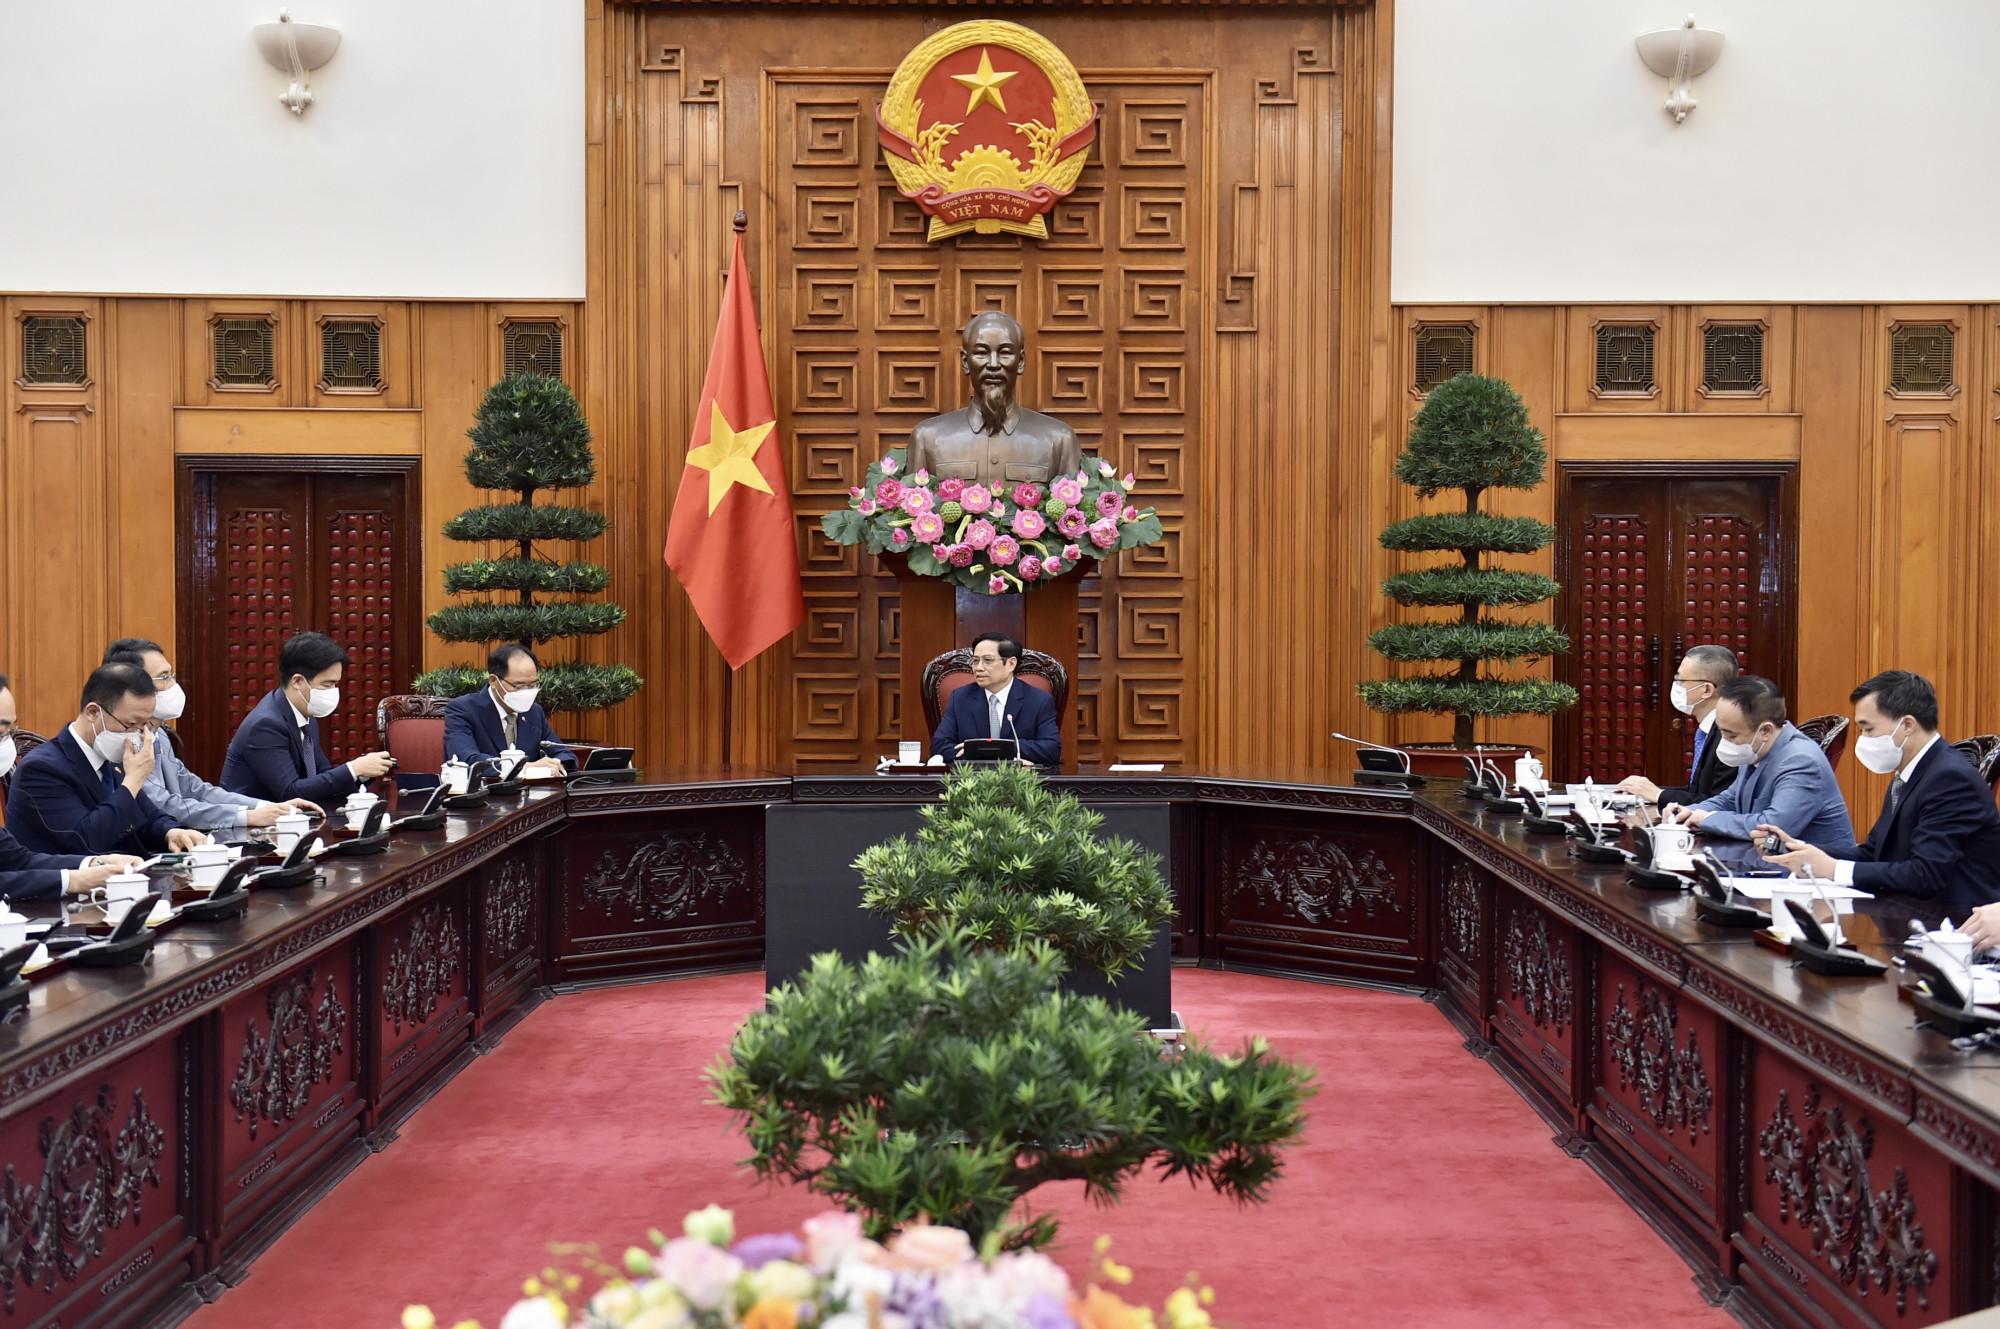 Ngày 12/10, tại Trụ sở Chính phủ, Thủ tướng Chính phủ Phạm Minh Chính tiếp Đại sứ Hàn Quốc tại Việt Nam Park Noh Wan - Ảnh: VGP